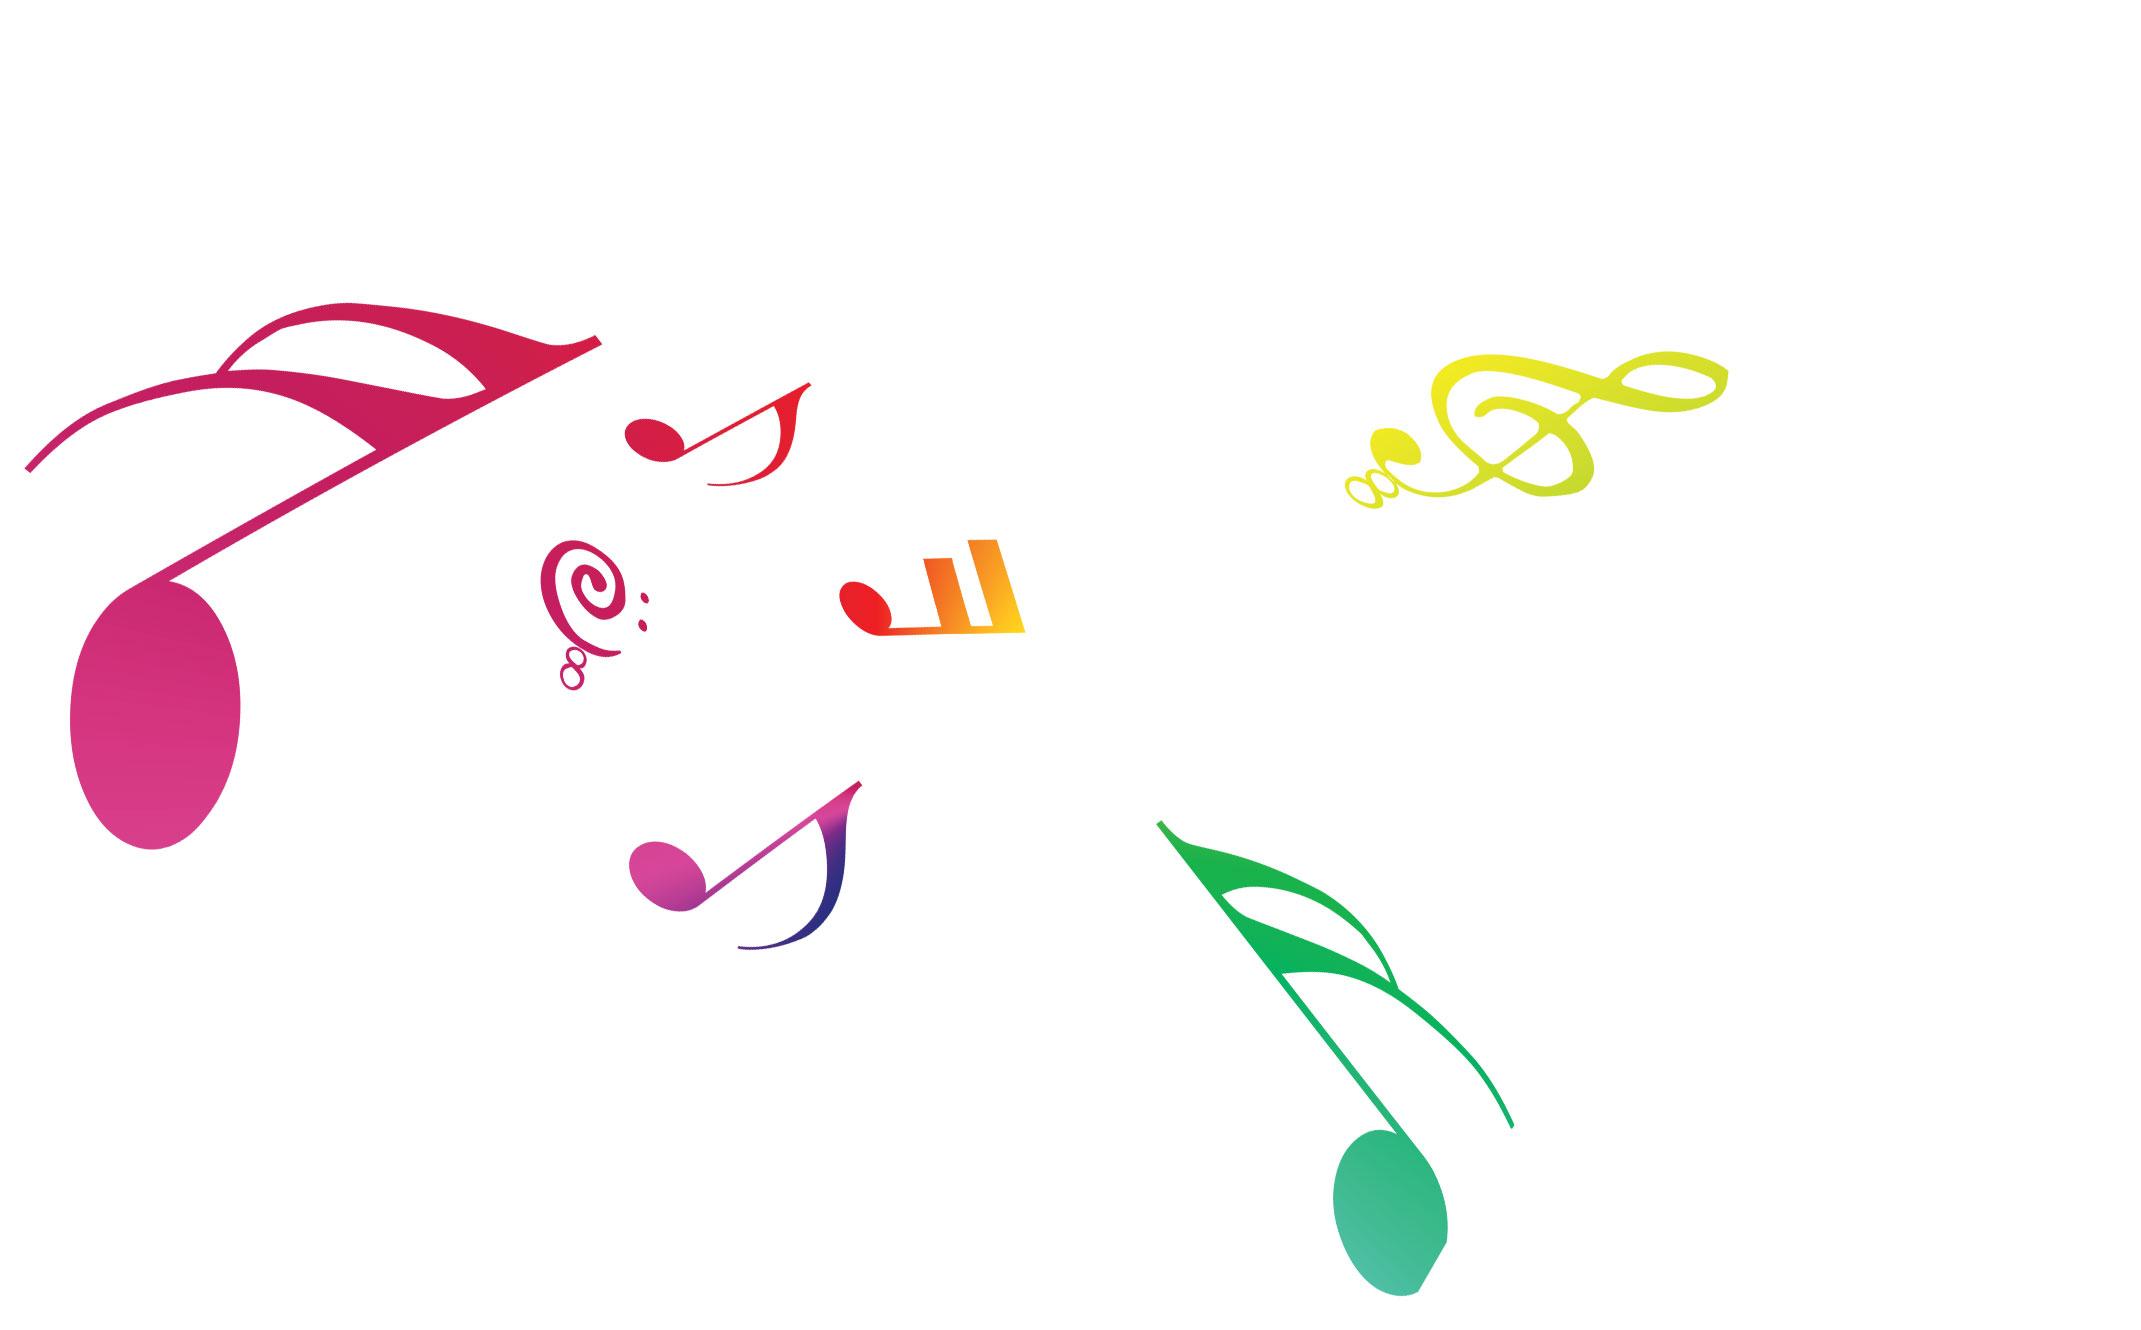 音符イラスト音符と音楽記号 虹色 無料のフリー素材